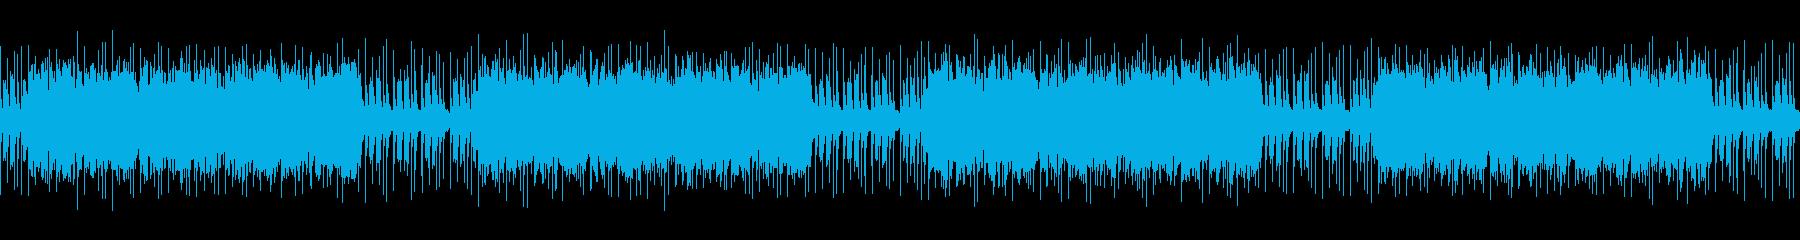 【甲子園】スタンドで流れる元気なブラス曲の再生済みの波形